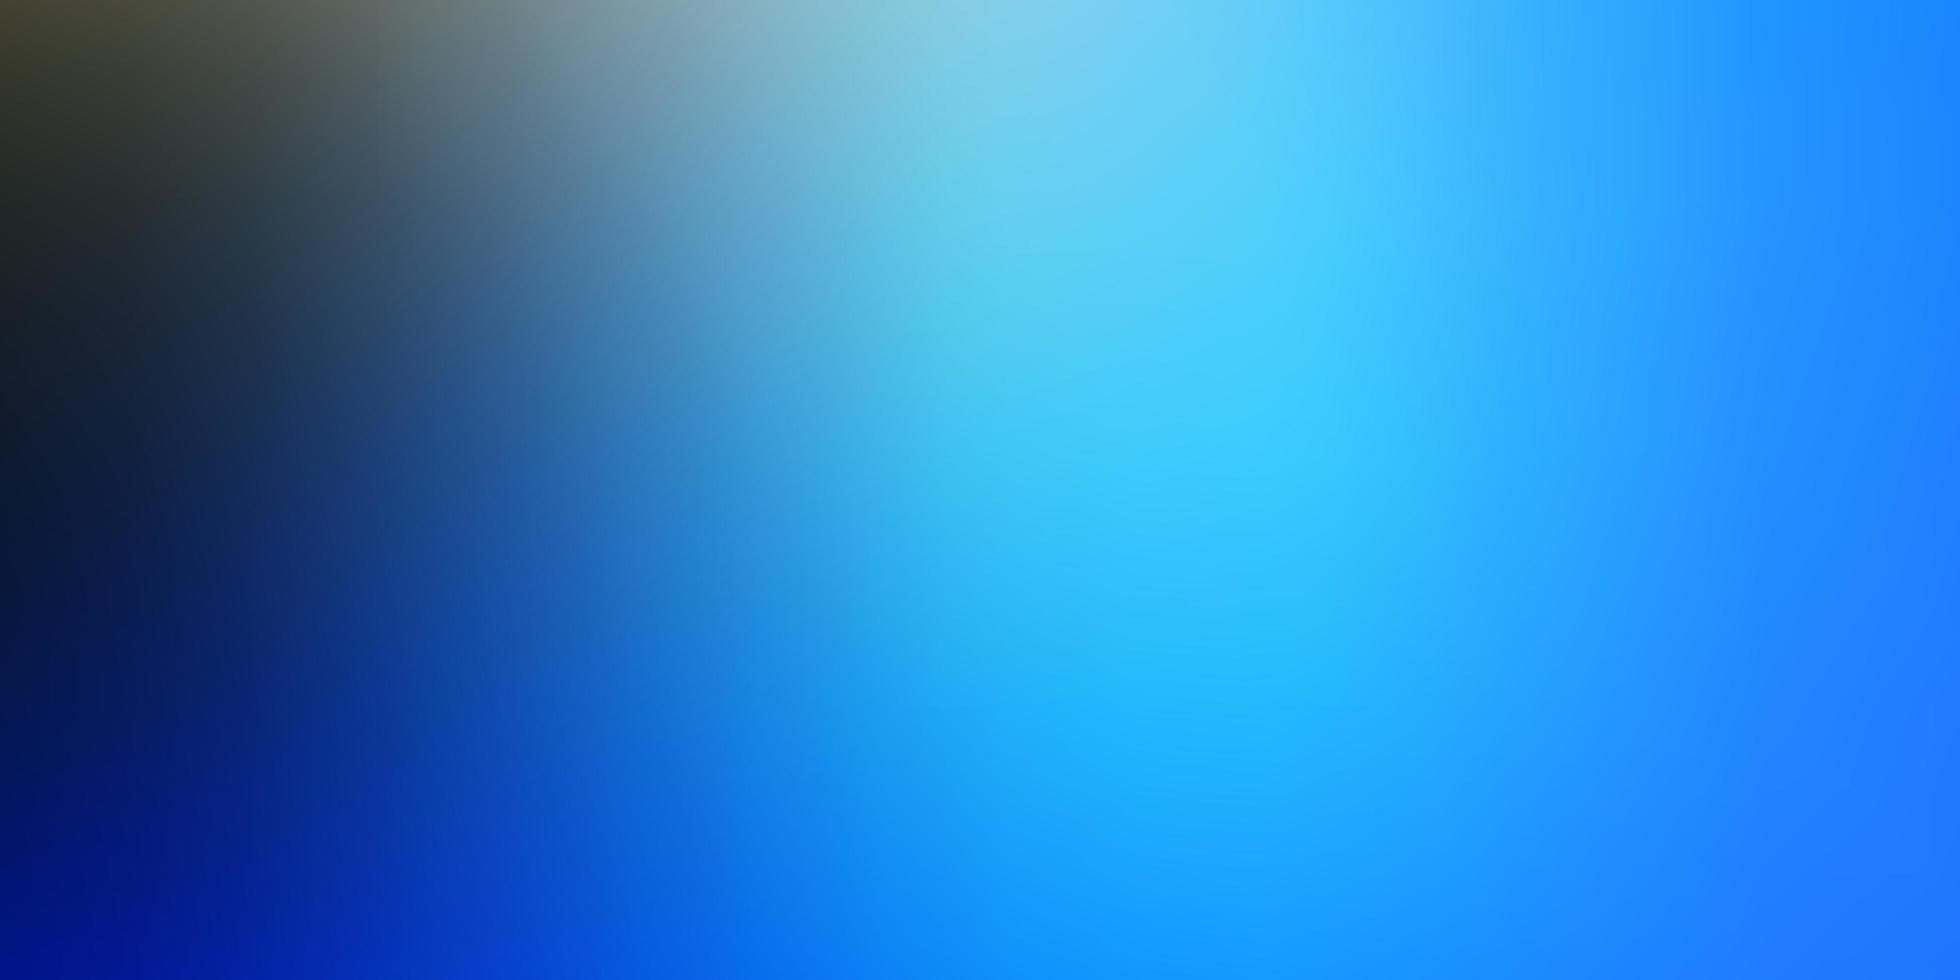 modelo brilhante abstrato azul. vetor